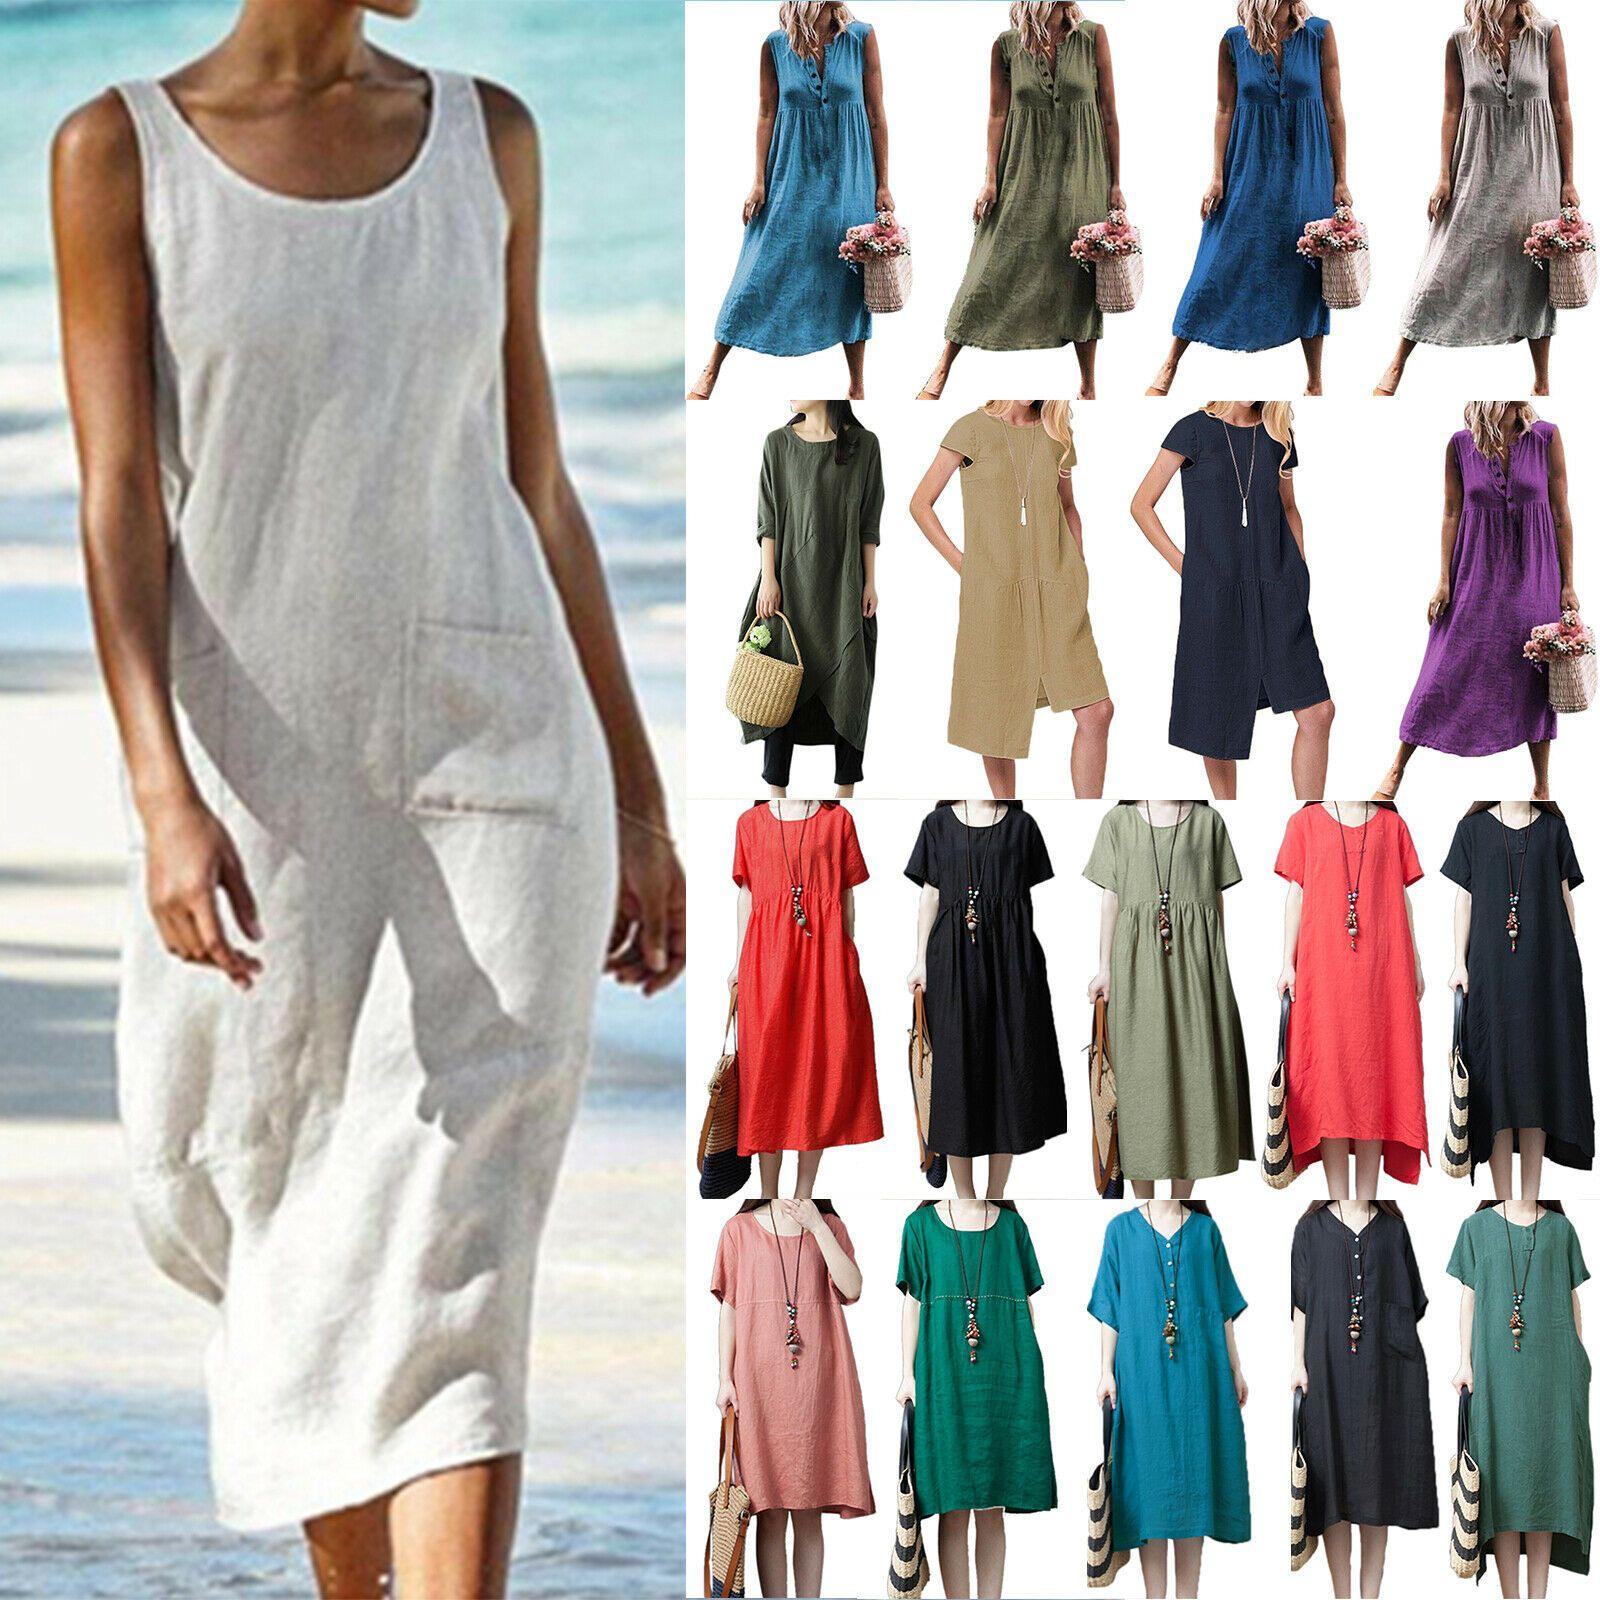 Designer Großartig Abendkleid Jersey Lang Stylish10 Wunderbar Abendkleid Jersey Lang Spezialgebiet